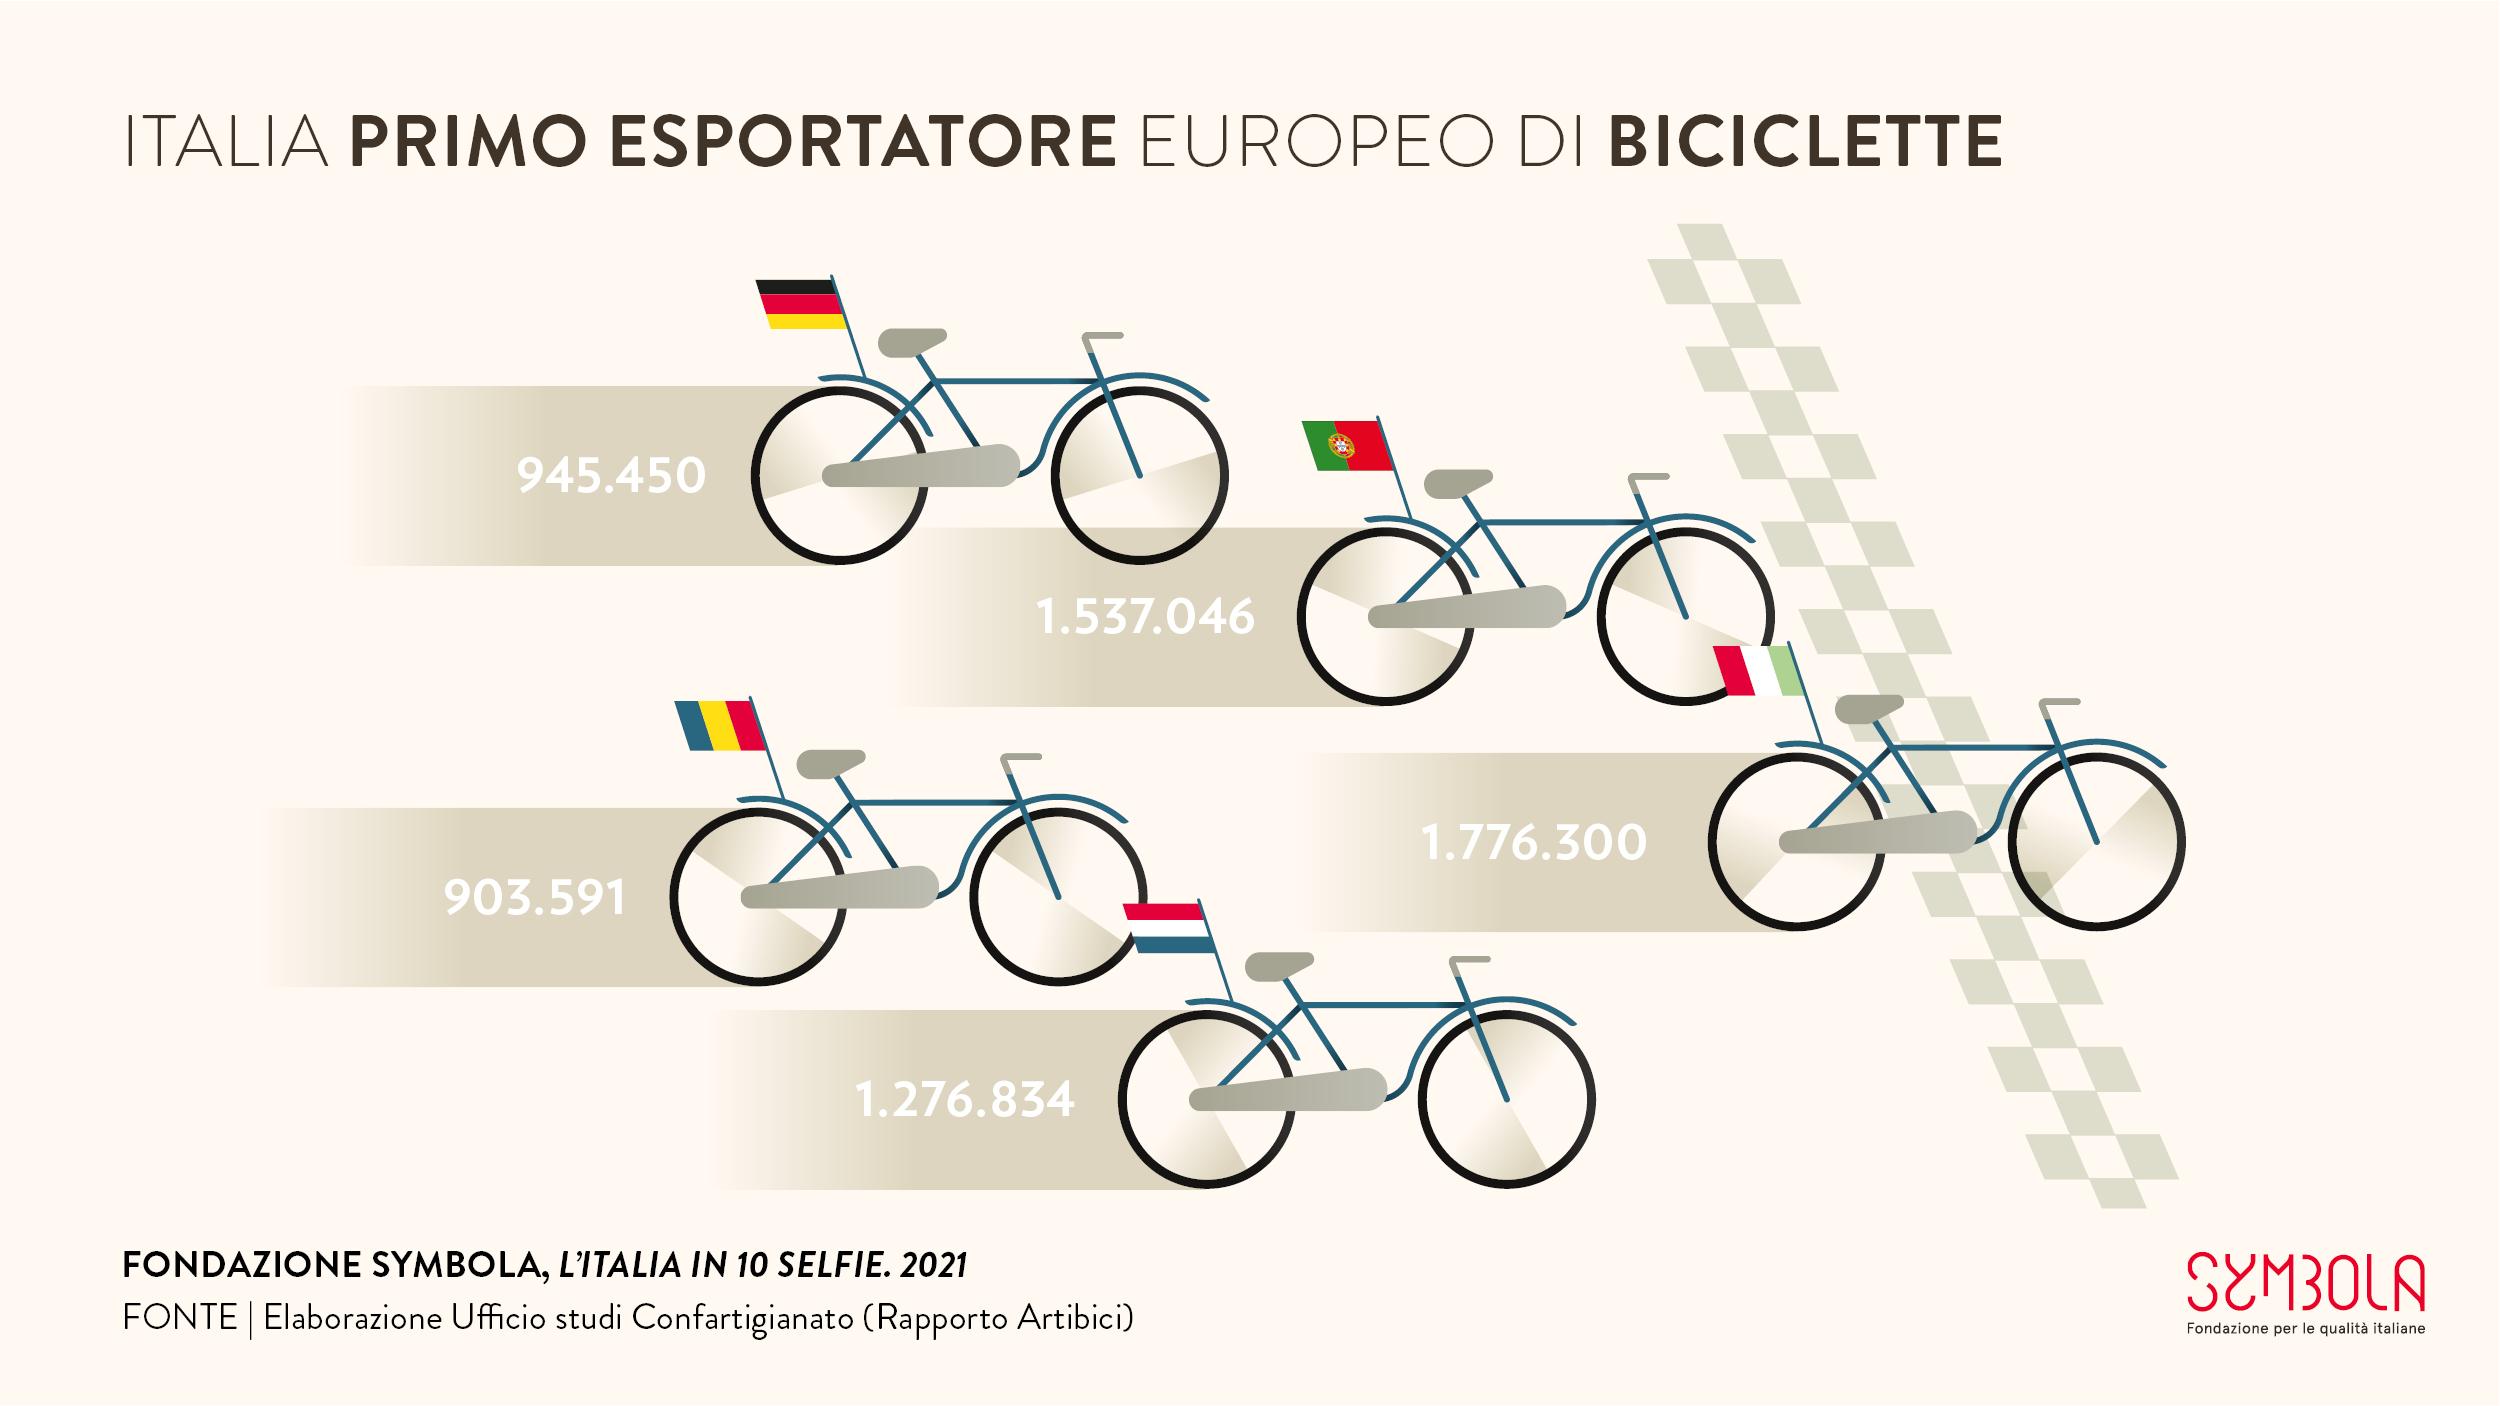 10 selfie 2021: Italia primo esportatore europeo di biciclette #10